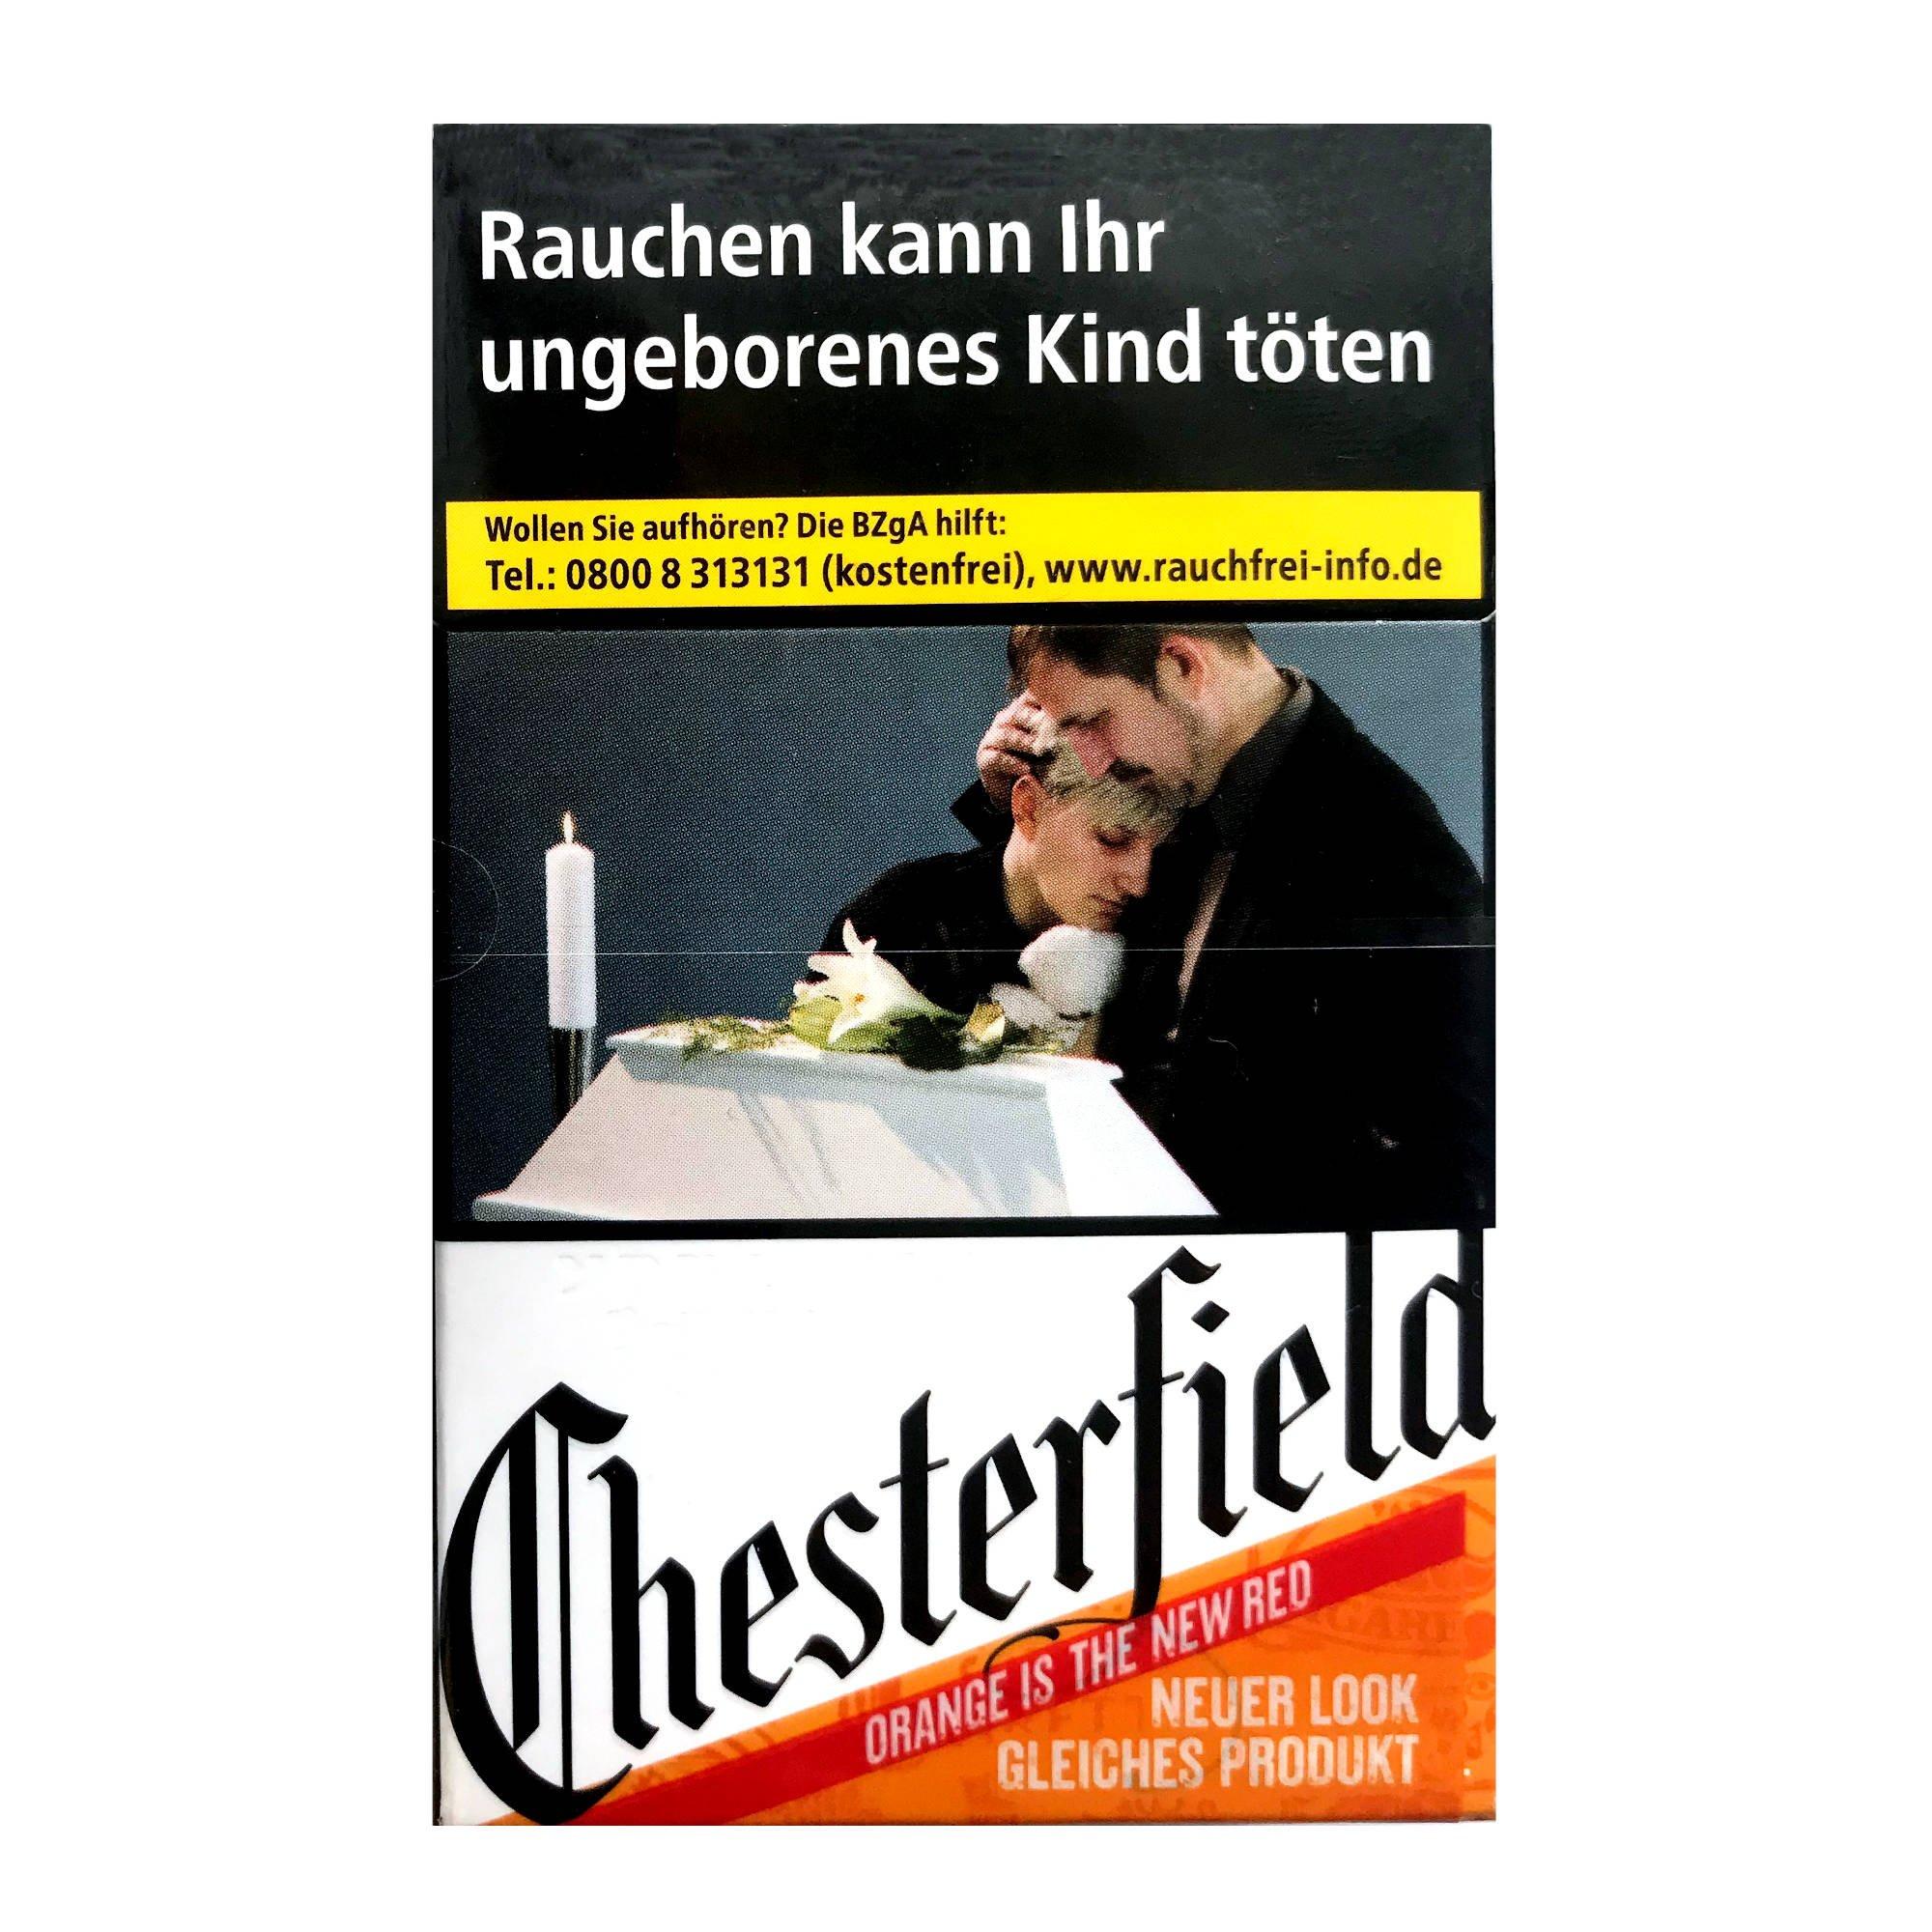 Chesterfield ORIGINAL Zigaretten (ehem. Red) - 20 Stück